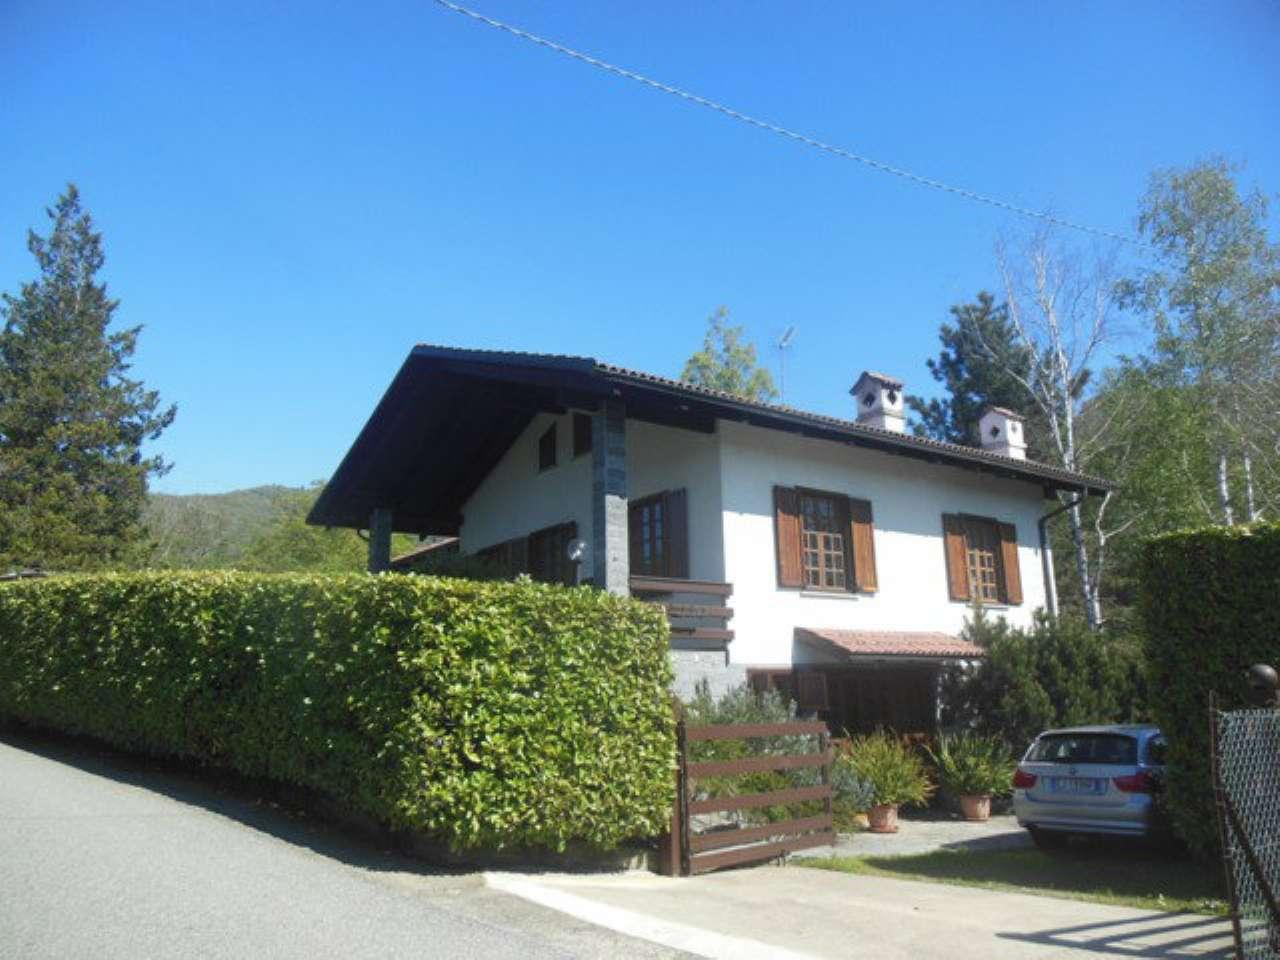 Soluzione Indipendente in vendita a Rocca Canavese, 5 locali, prezzo € 215.000 | CambioCasa.it